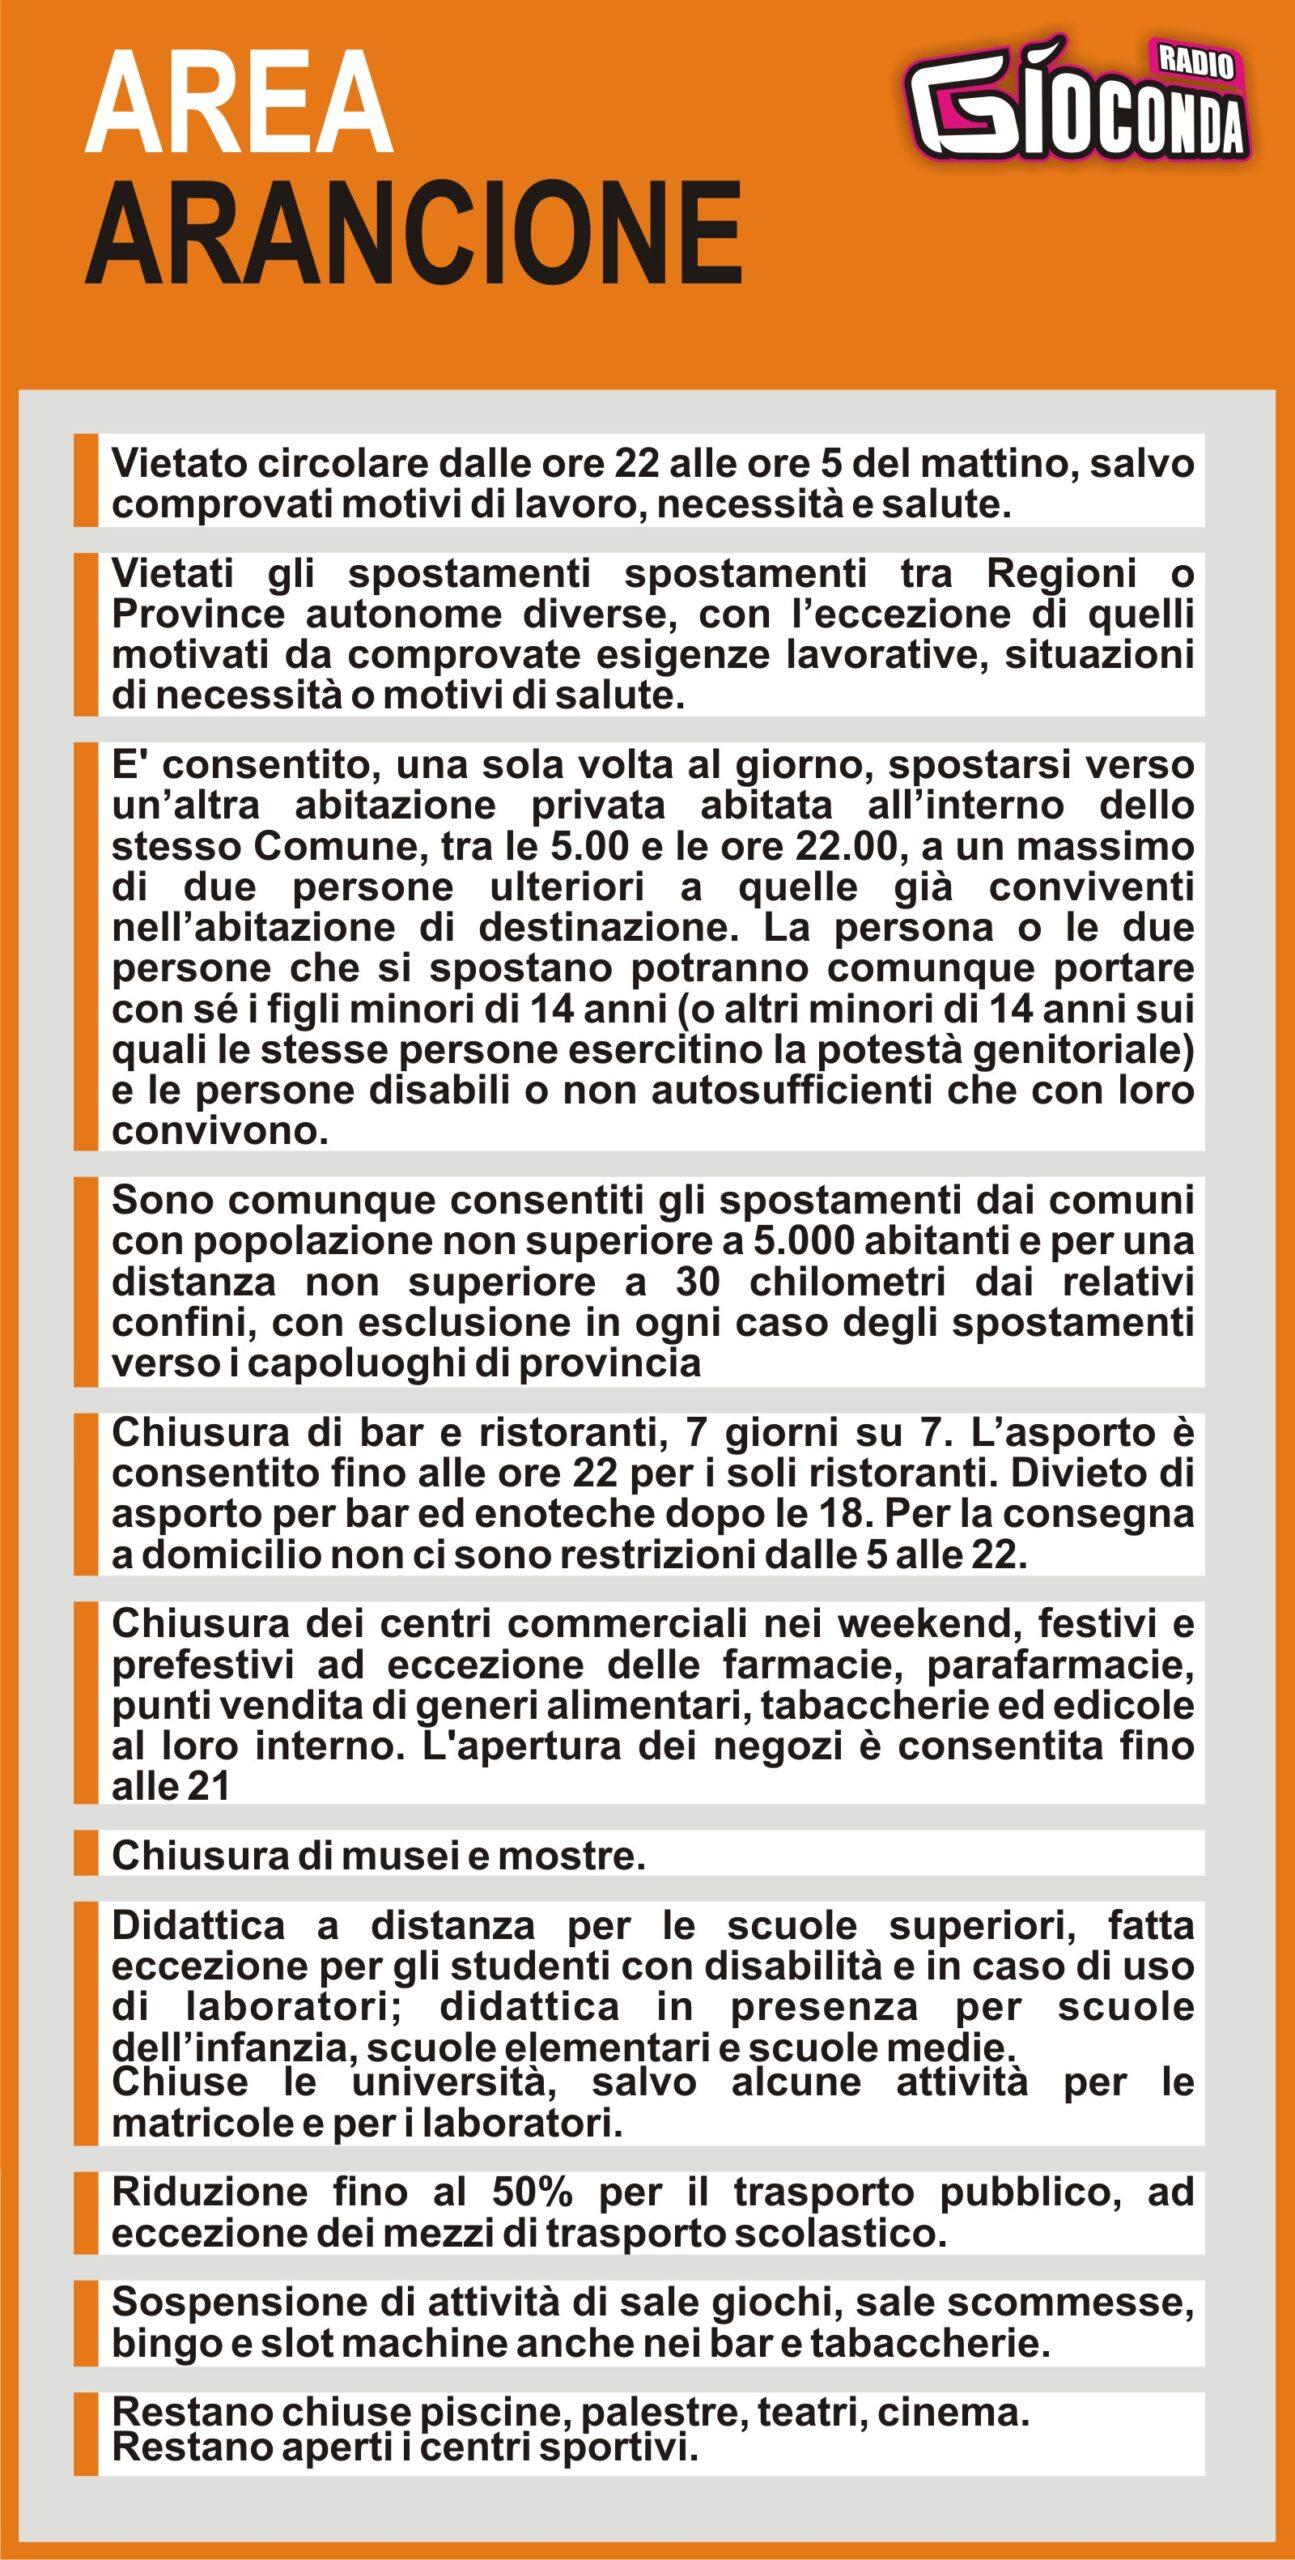 Covid-19_2021_Zona_Arancione_Friuli_Venezia_Giulia